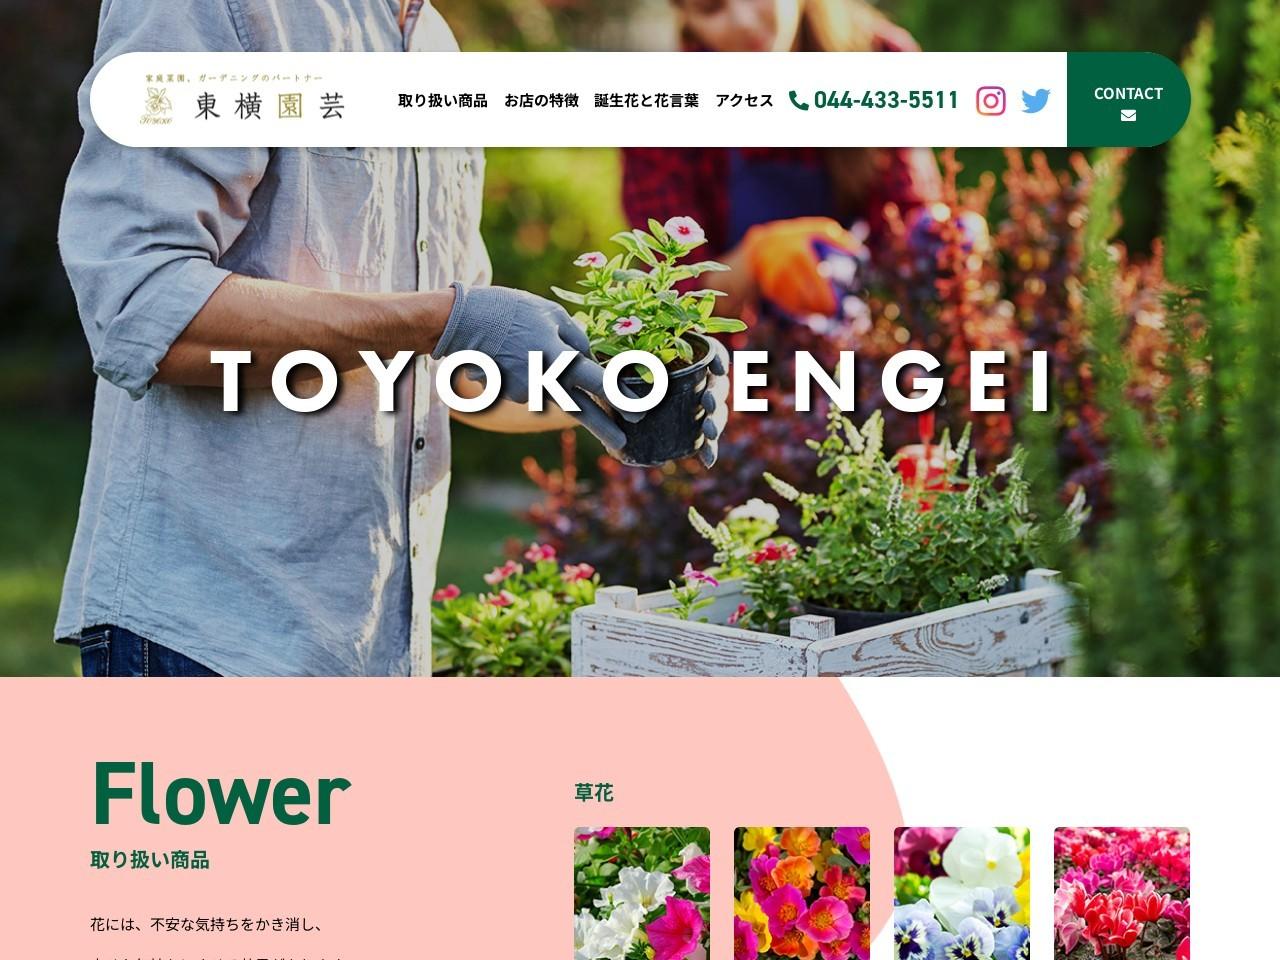 東横園芸株式会社